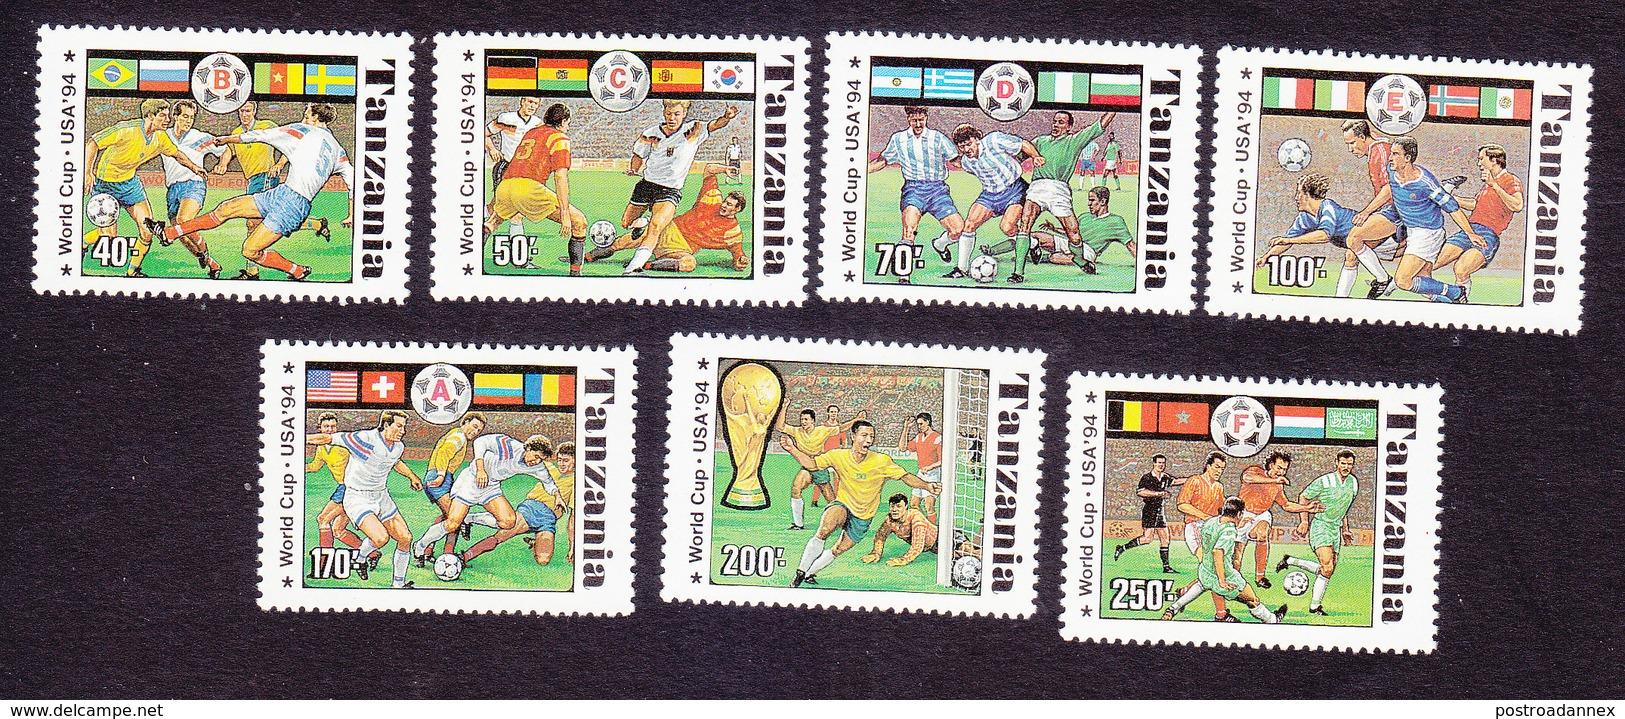 Tanzania, Scott #1174A-1174G, Mint Hinged, Soccer, Issued 1994 - Tanzania (1964-...)